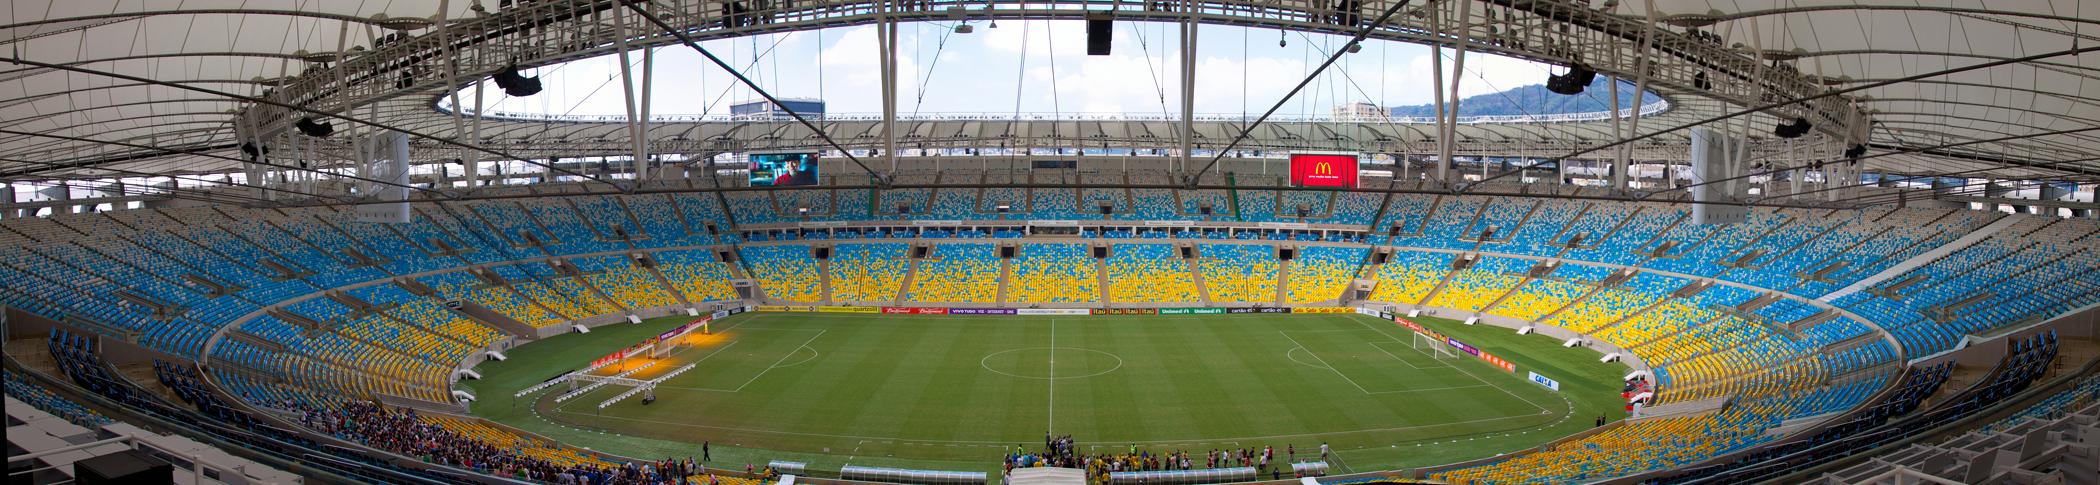 Rio-de-Janeiro_pano_by_Vladimir_Filvarkiv_for_ChanceToTrip.com_Maracana